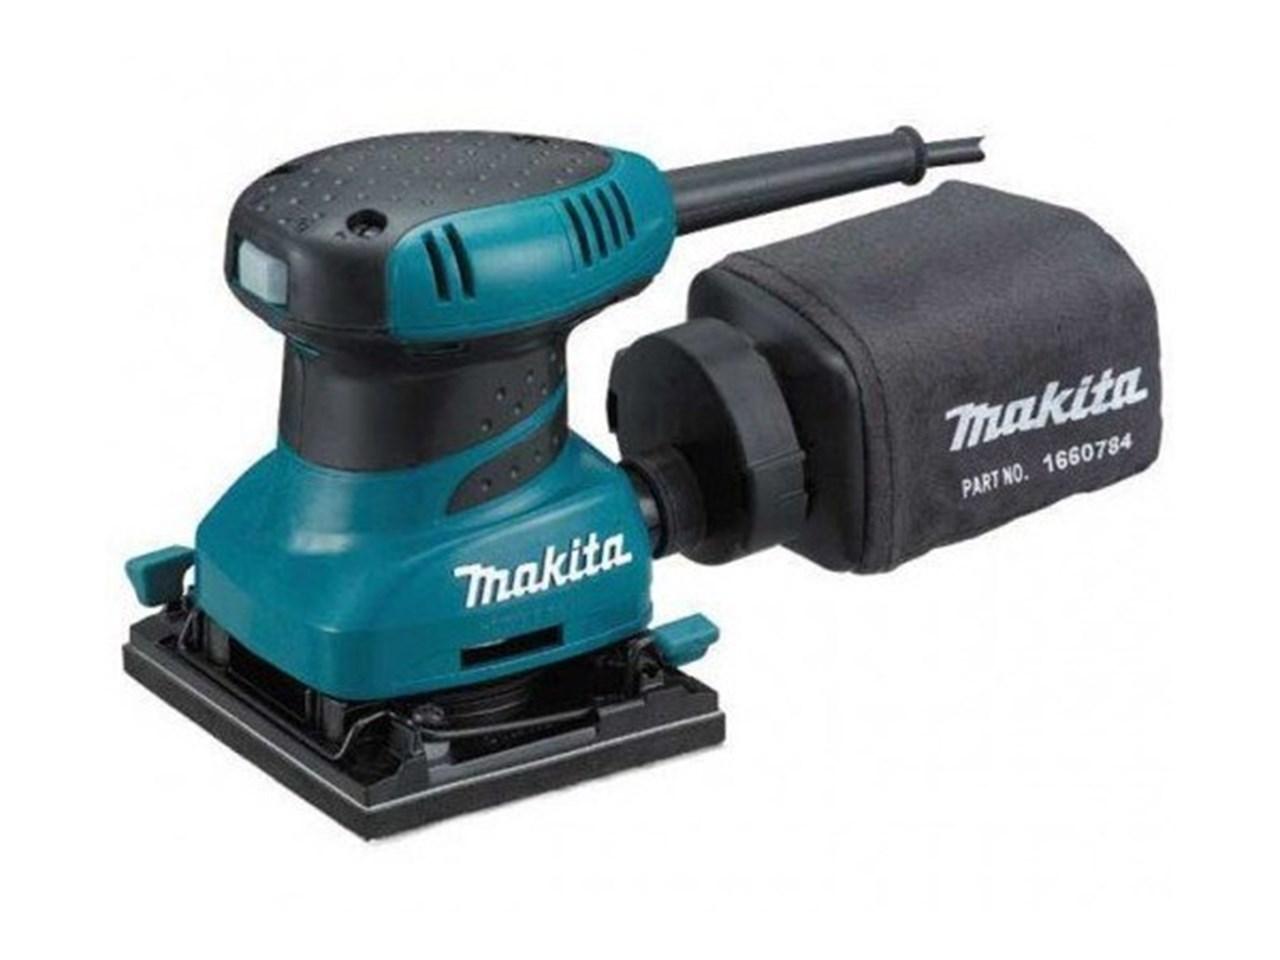 Makita Palm Sander 110V 200W (BO4555)